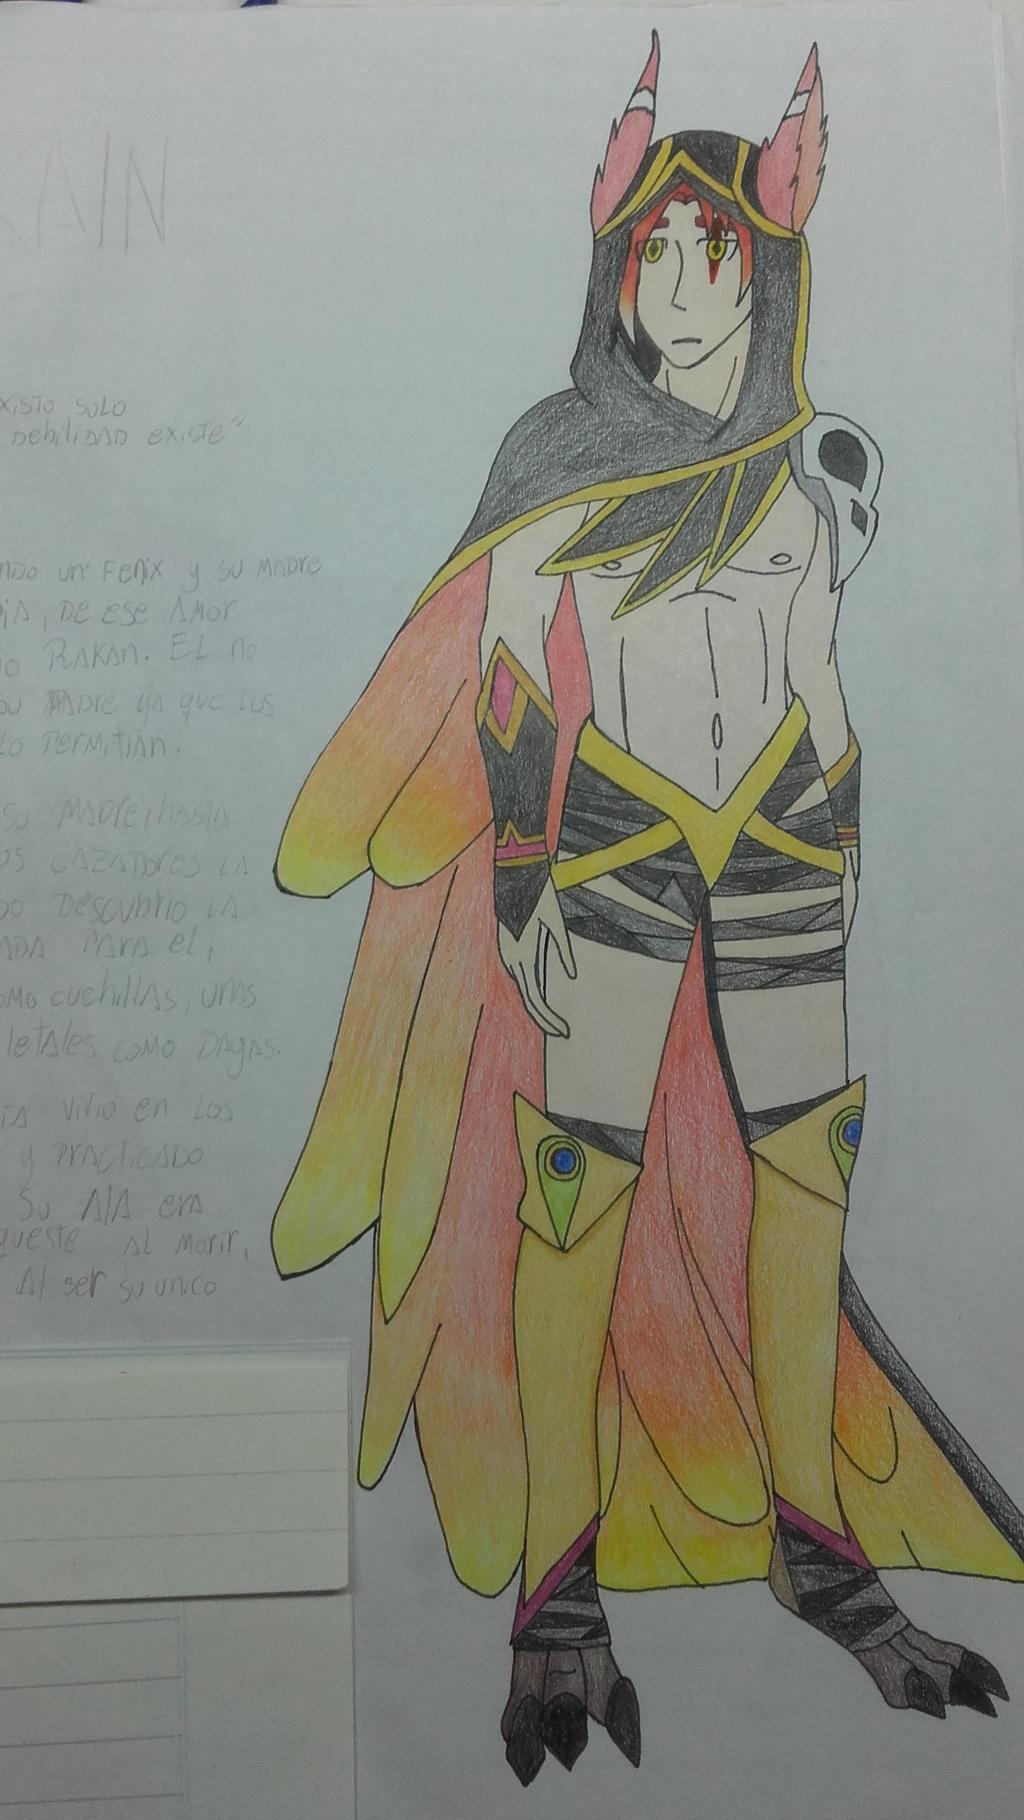 Rakain by Mikal04-12